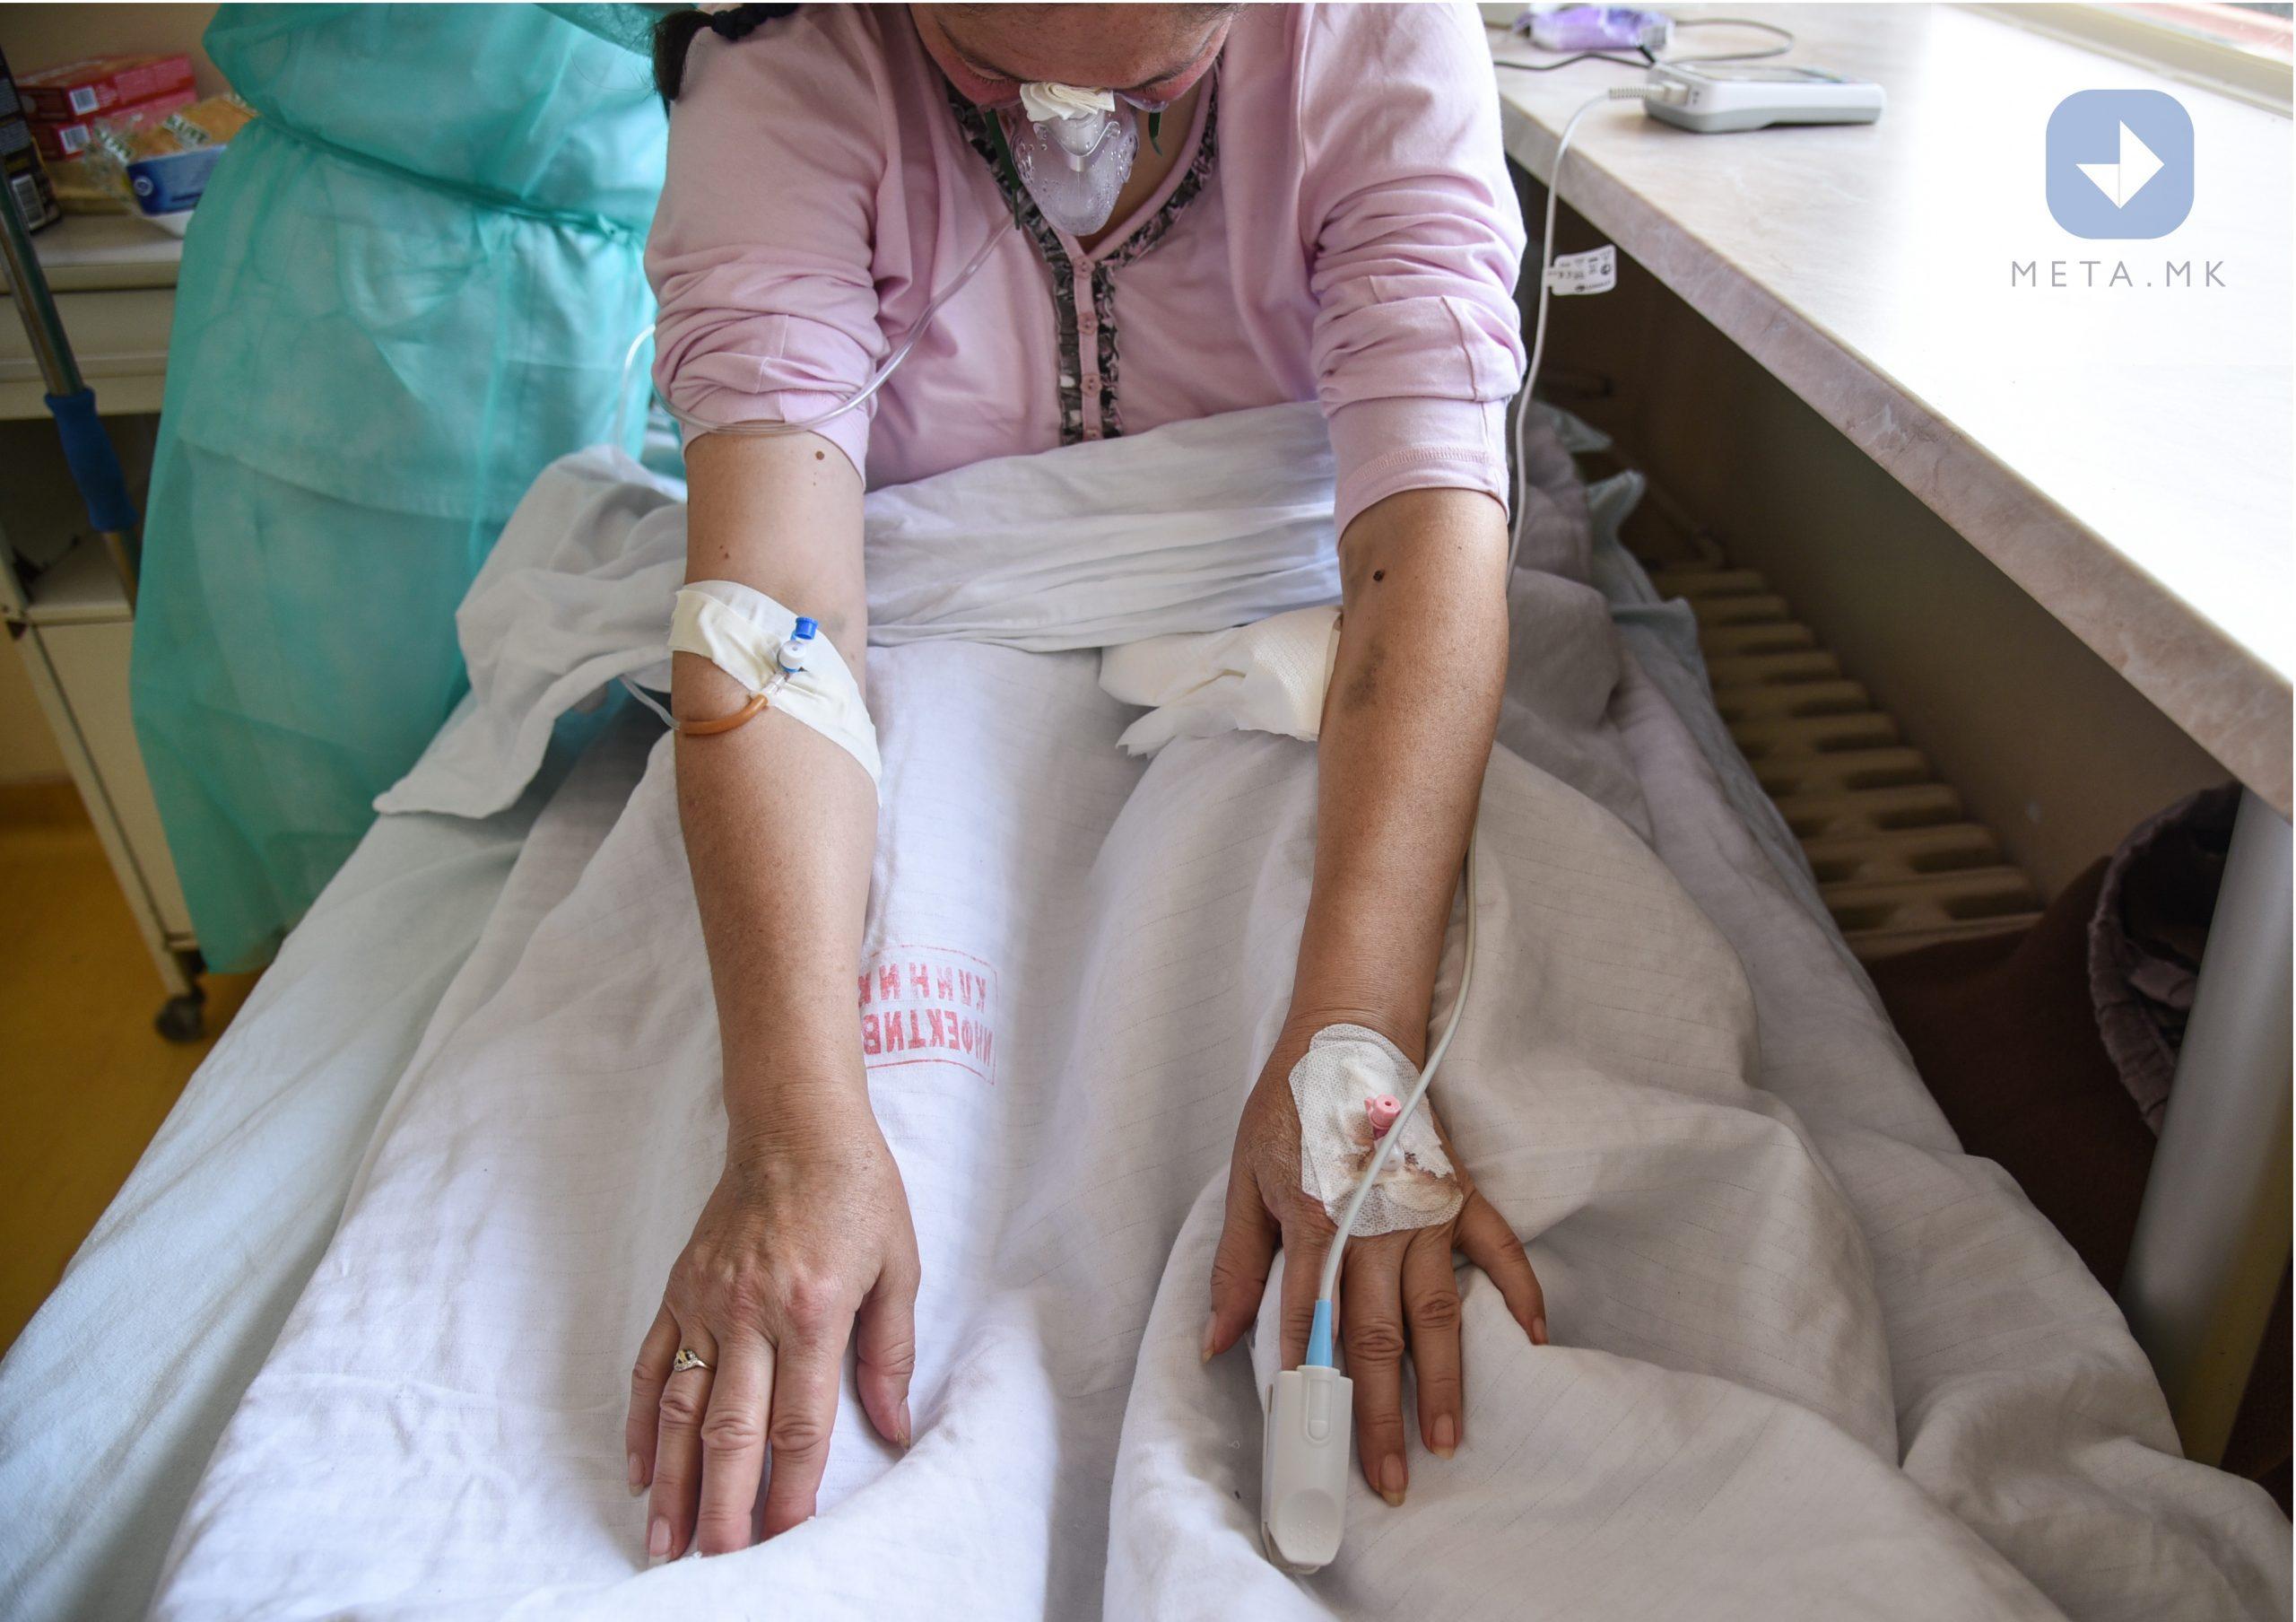 Клиника за инфективни болести и фебрилни состојби - Скопје | Фото: Арбнора Мехмети, Мета.мк